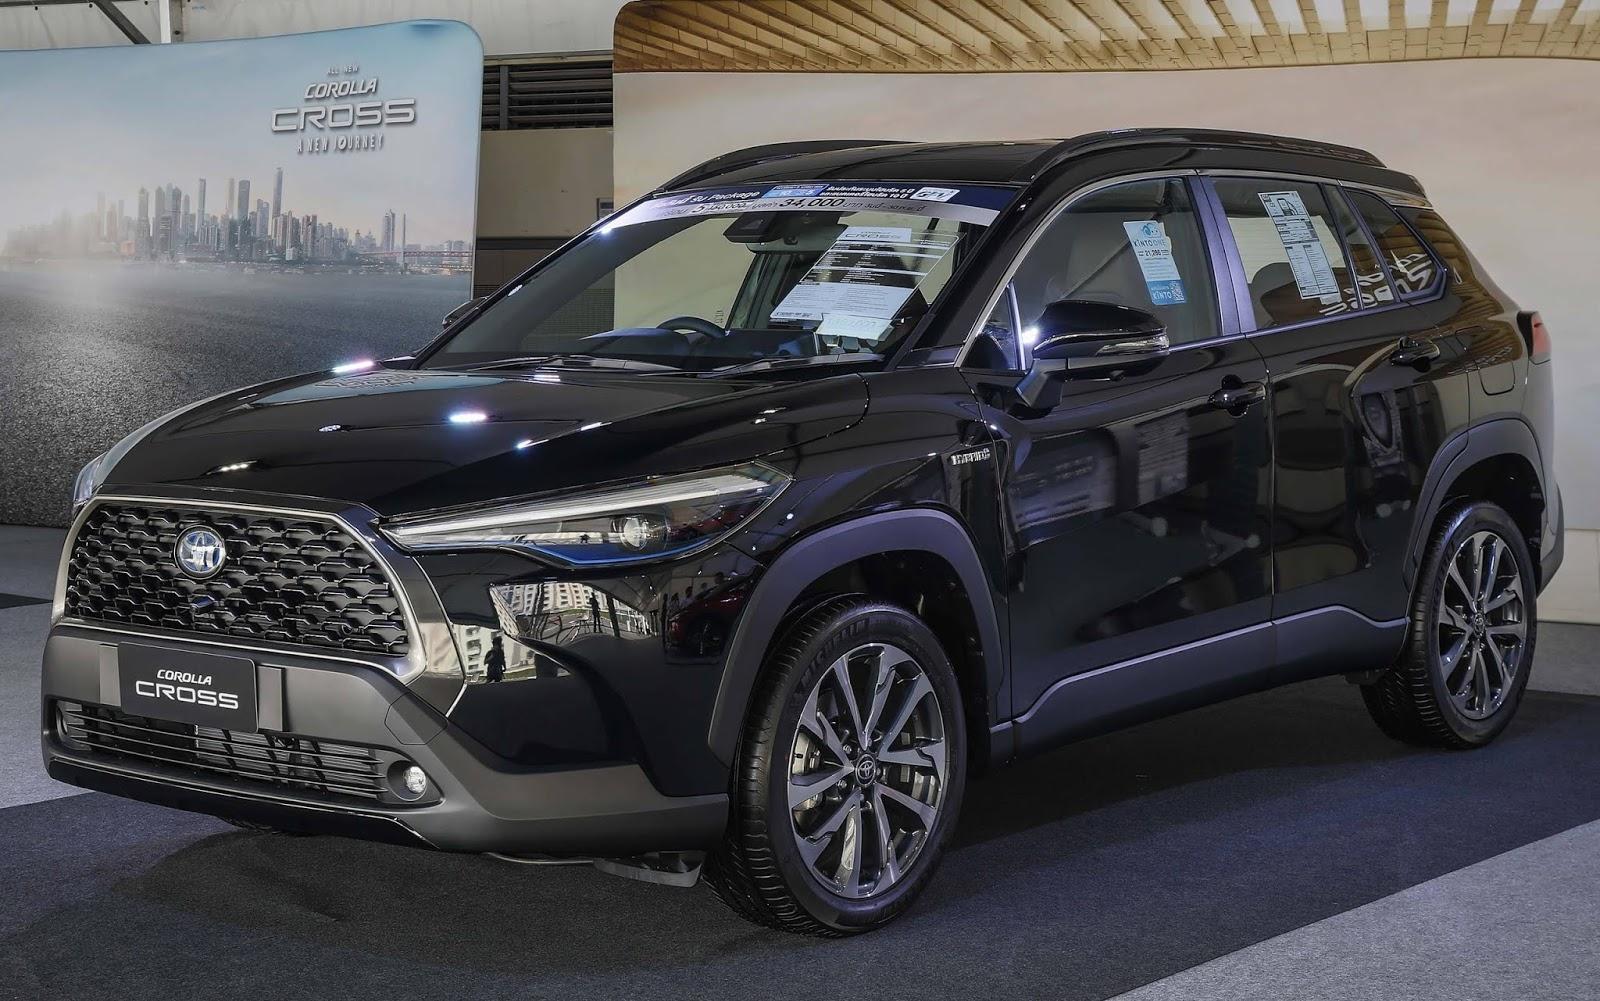 Toyota Corolla Cross Top carros a serem lançados no Brasil em 2021